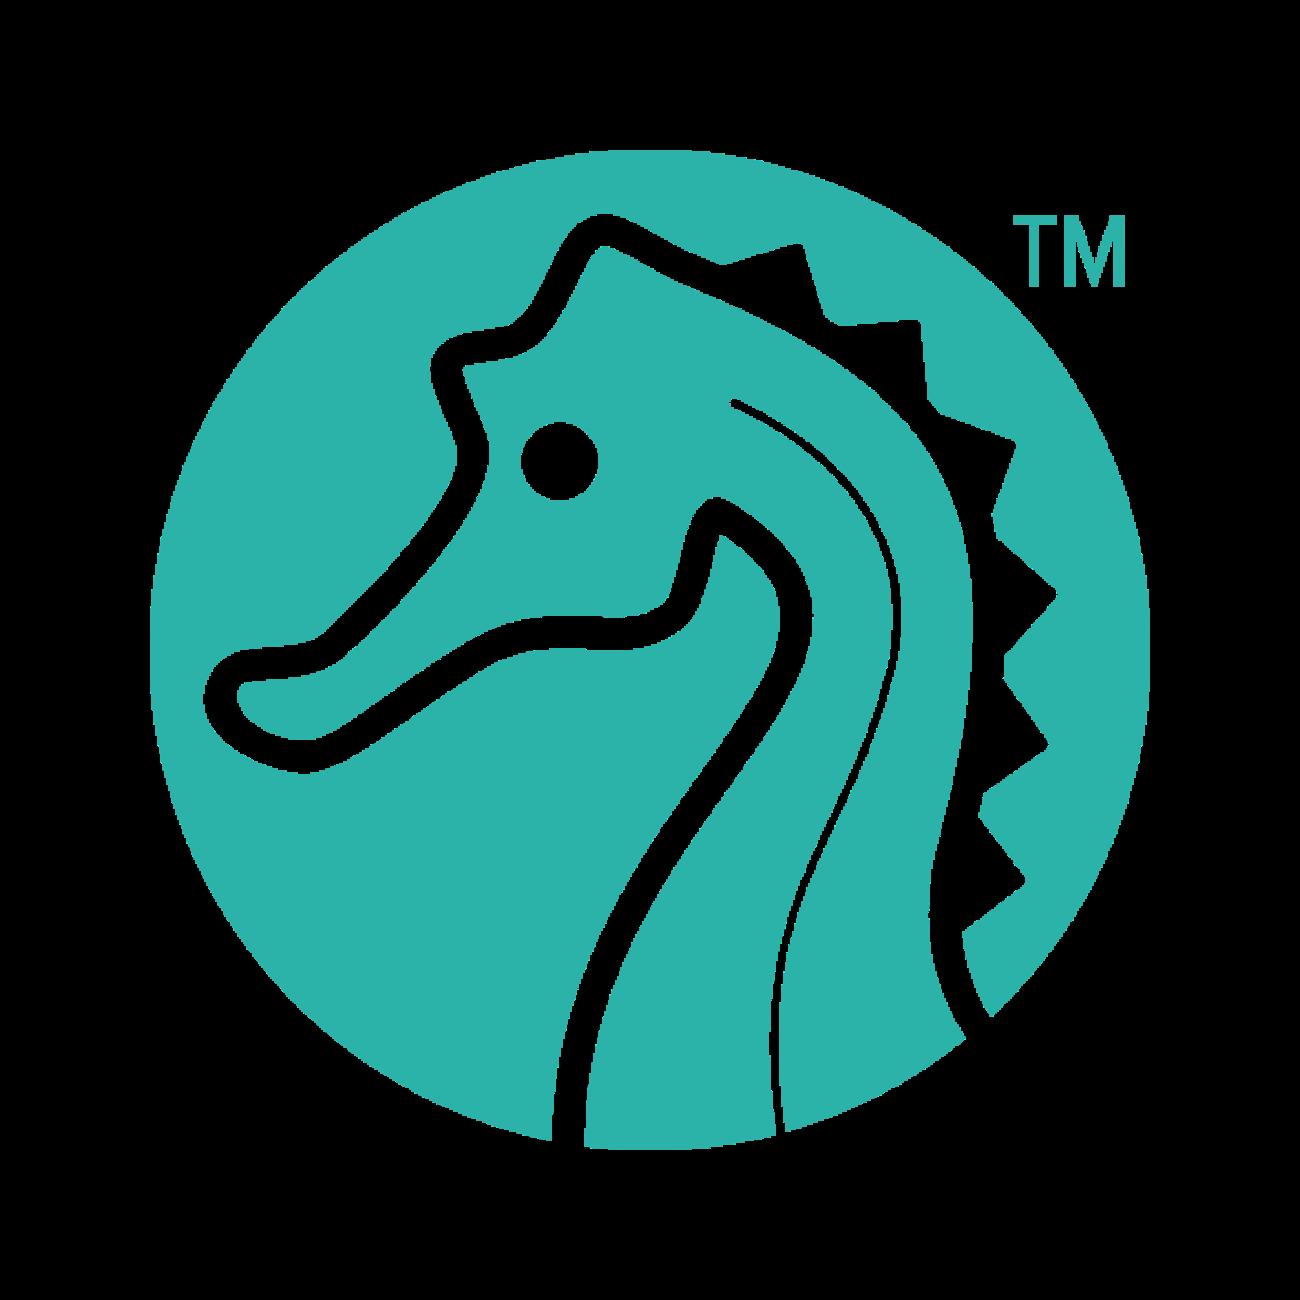 Seahorse and Beacon